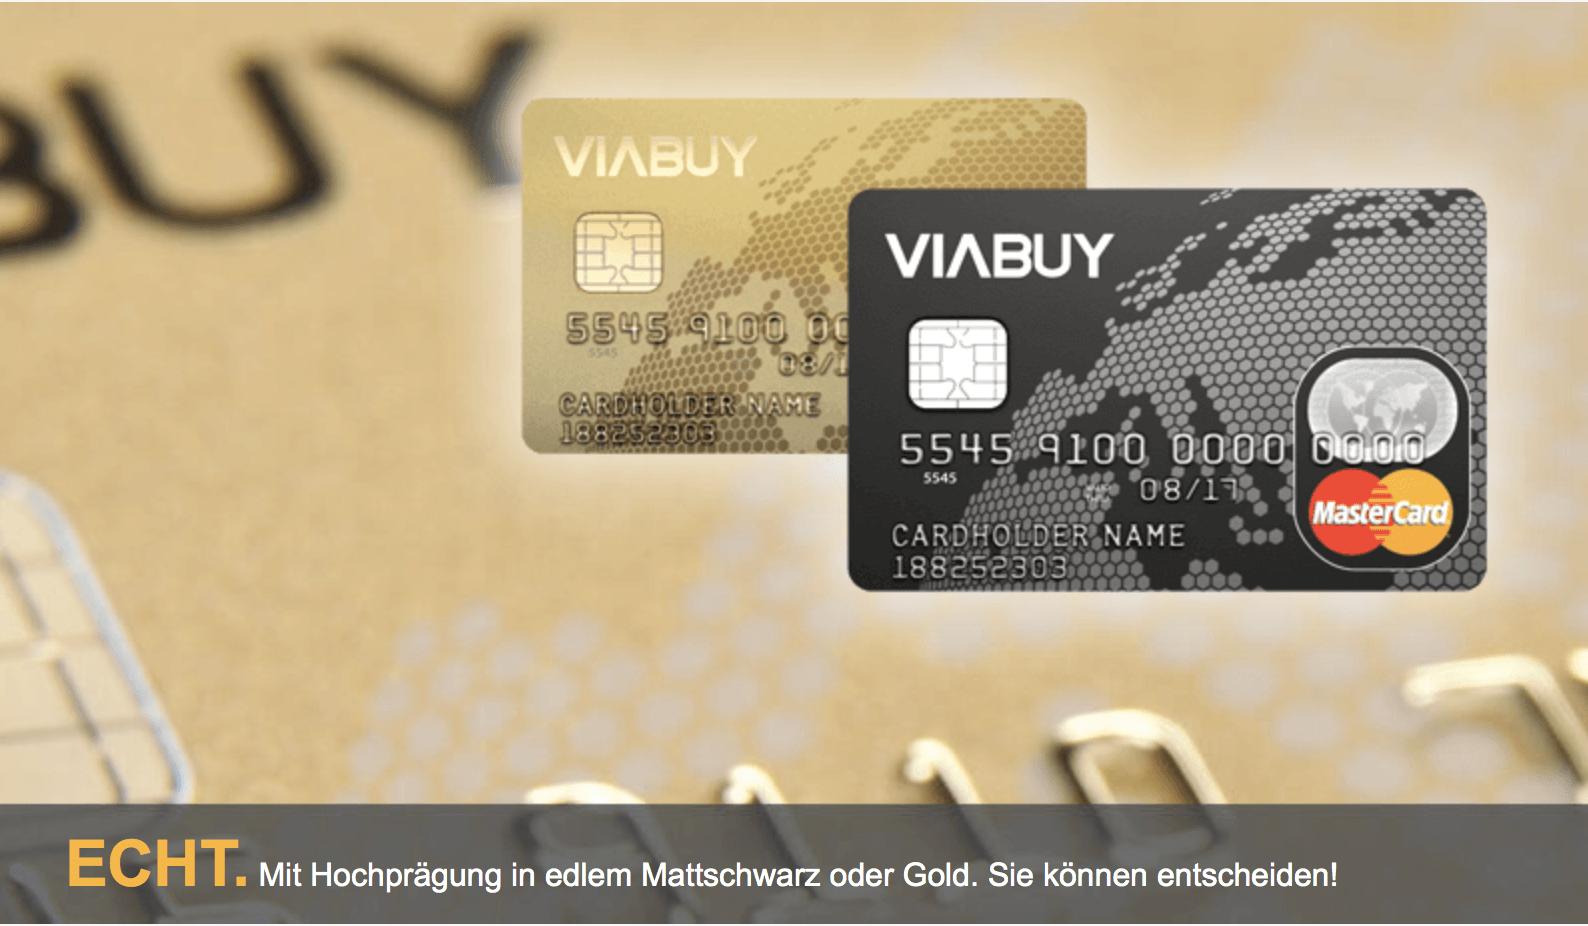 Die VIABUY MasterCard funktioniert auf Guthabenbasis.